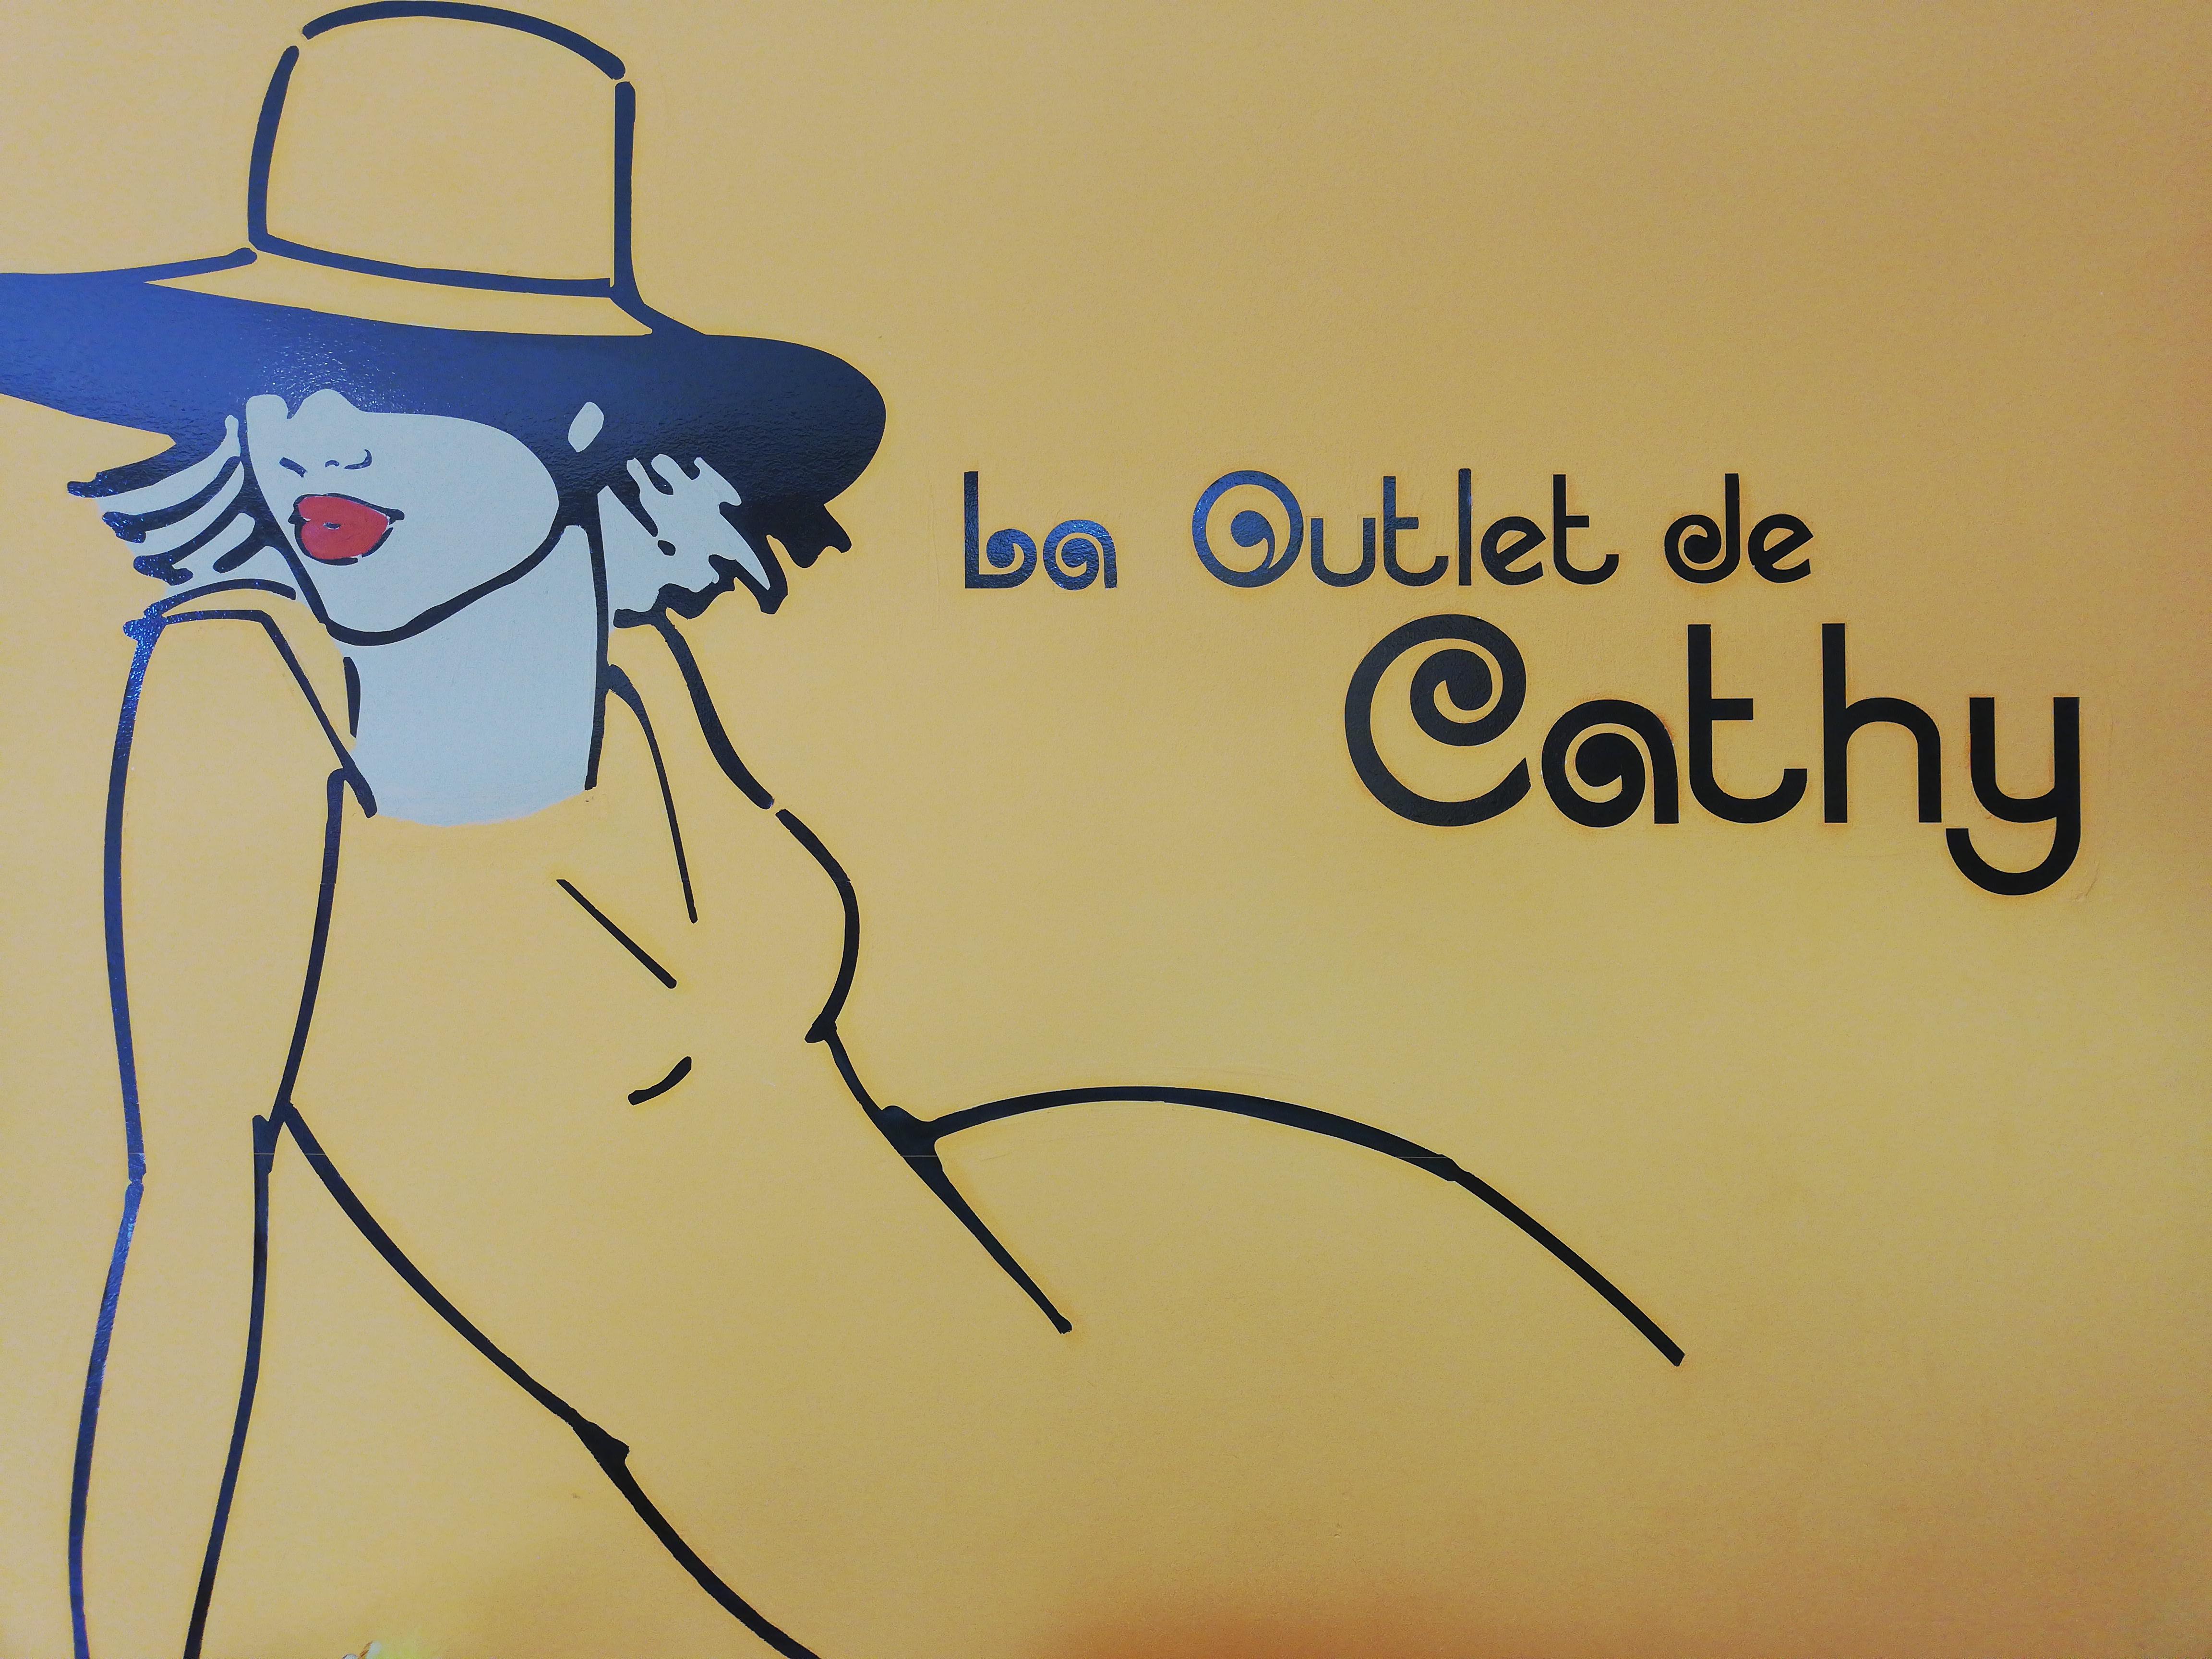 La Outlet de Cathy